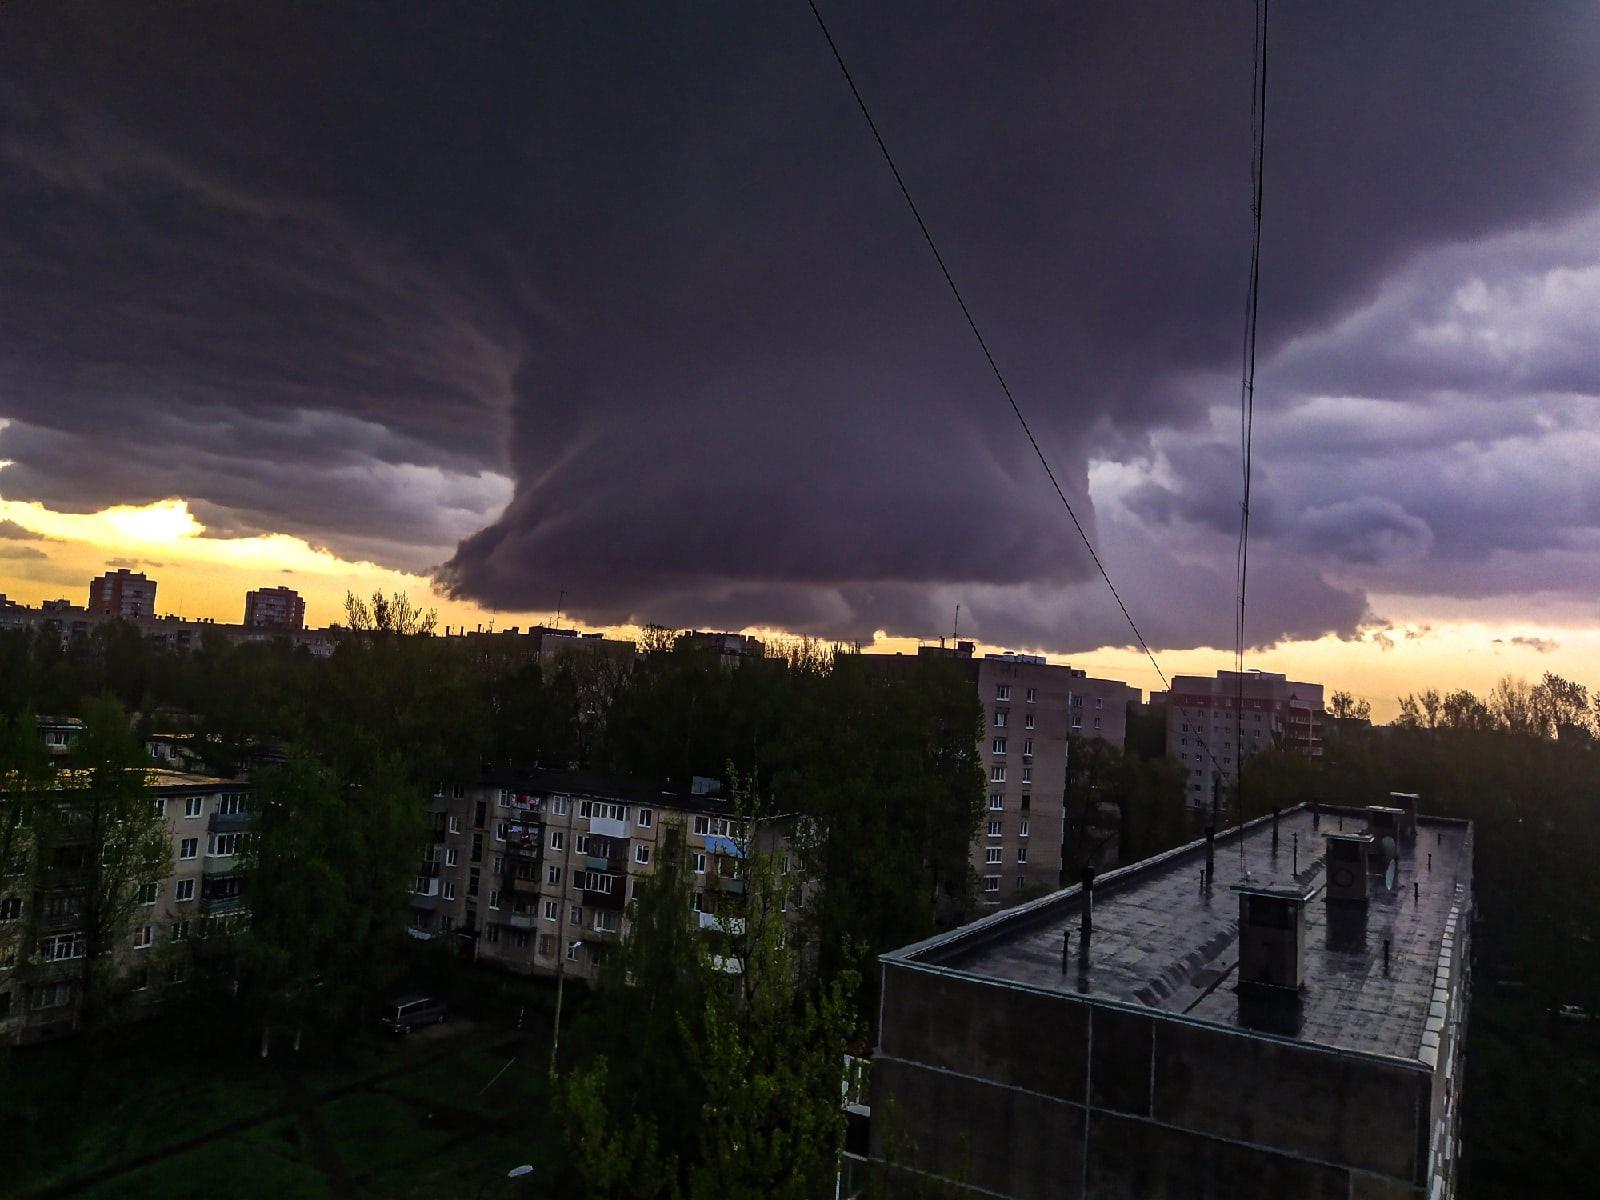 В Ярославле выпал град размером с яйцо: пользователи соцсетей выкладывают фото непогоды